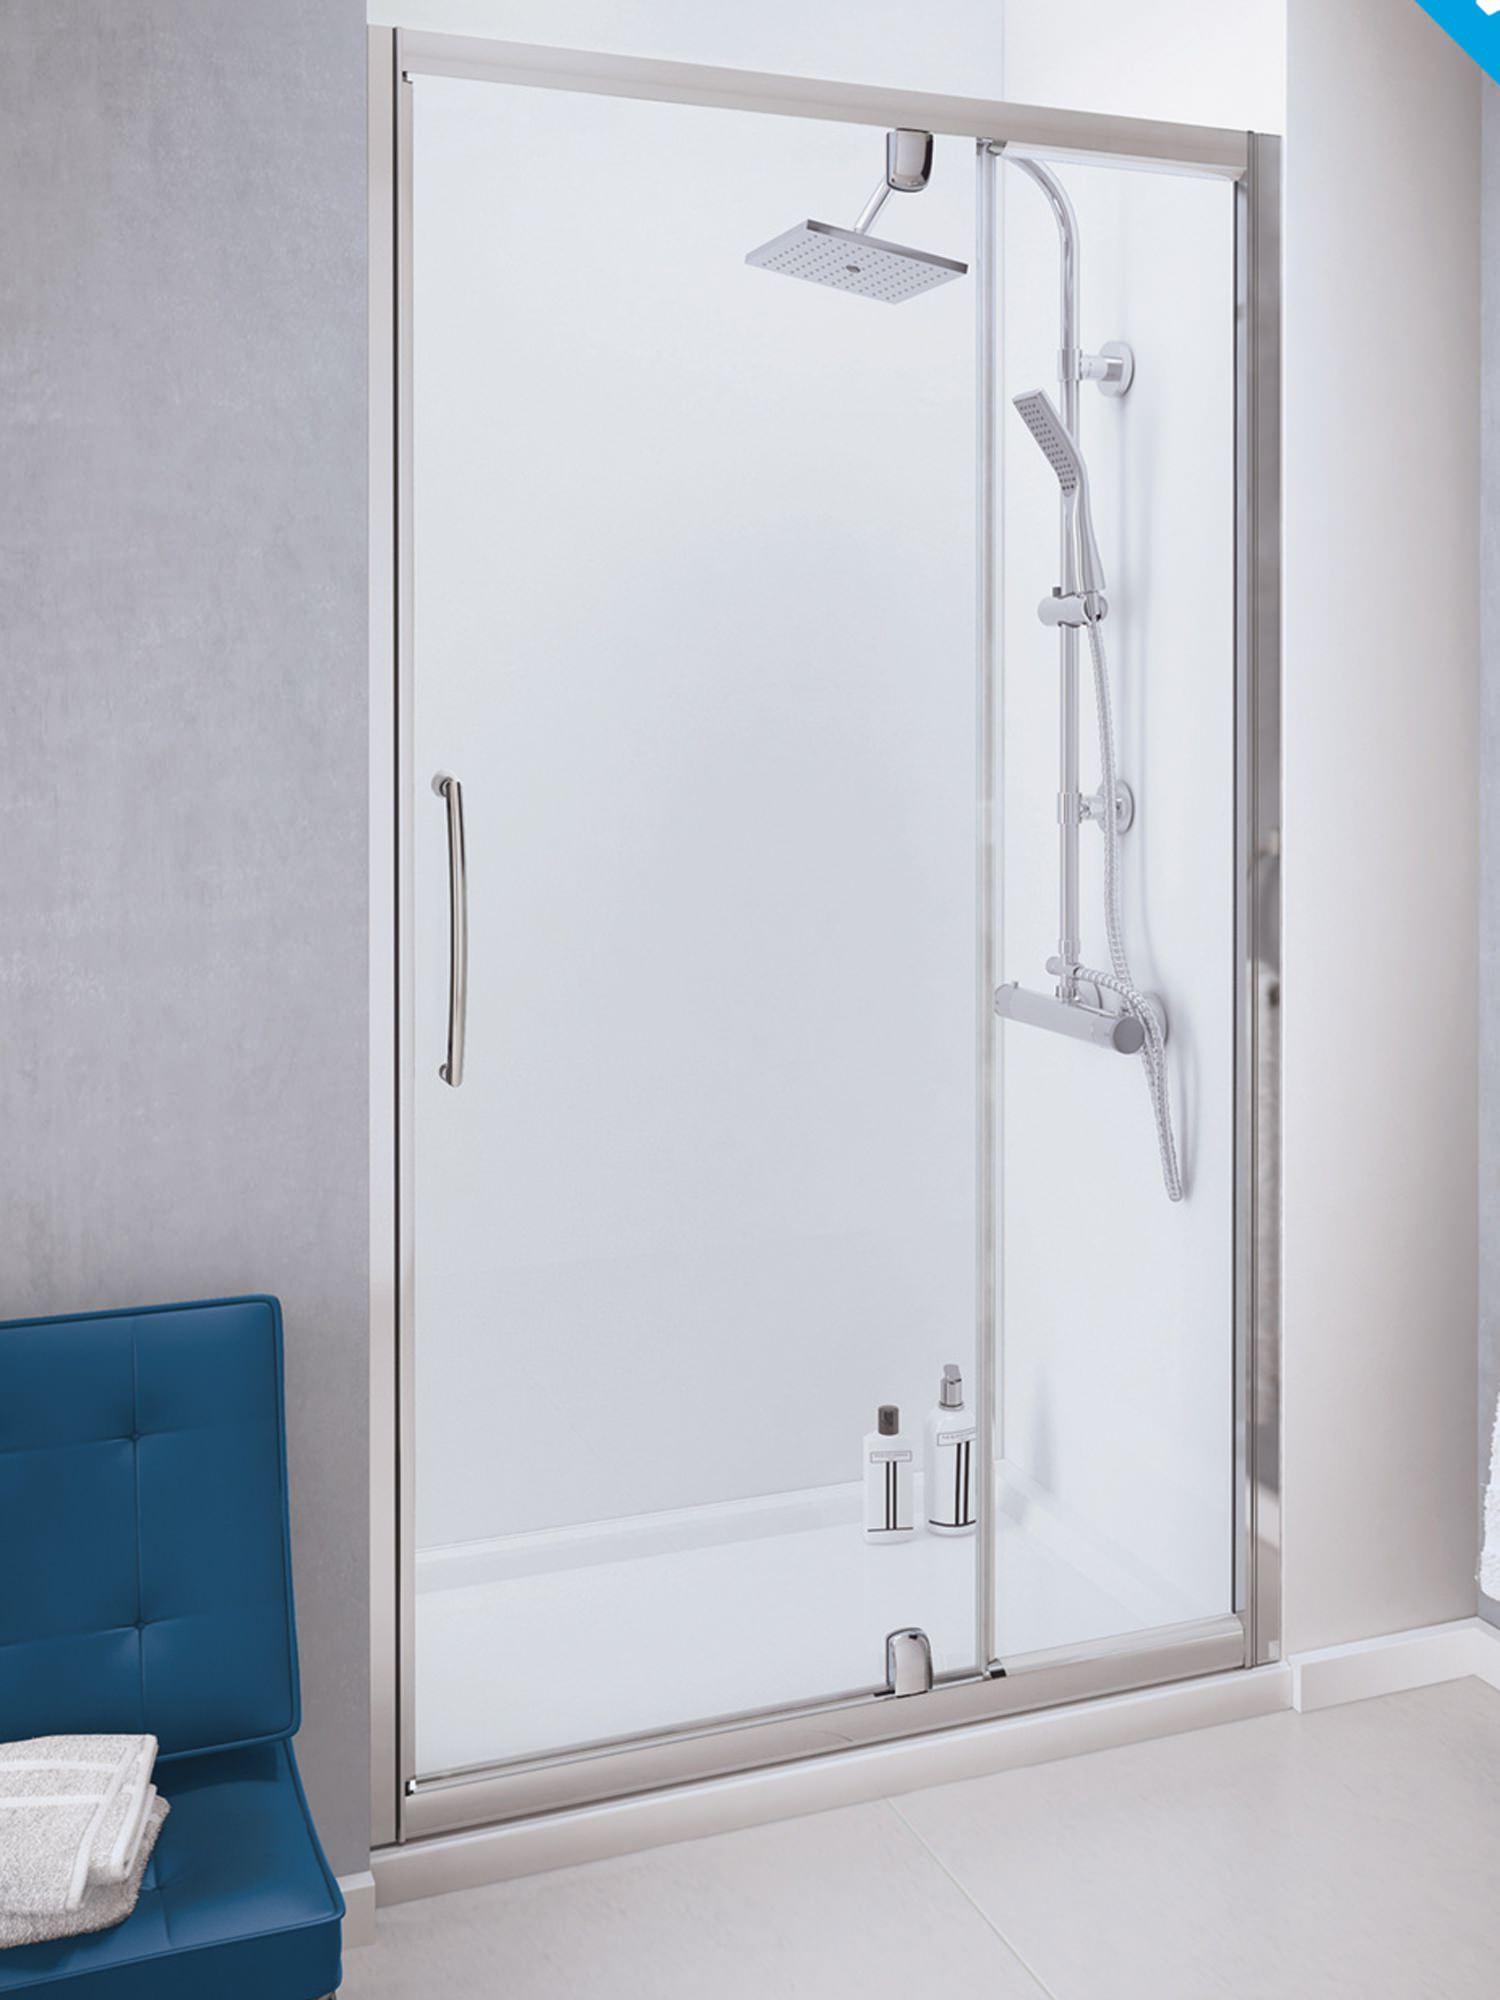 Bathroom Fixtures 1100mm Pivot Hinge Shower Cubicle Door 6mm